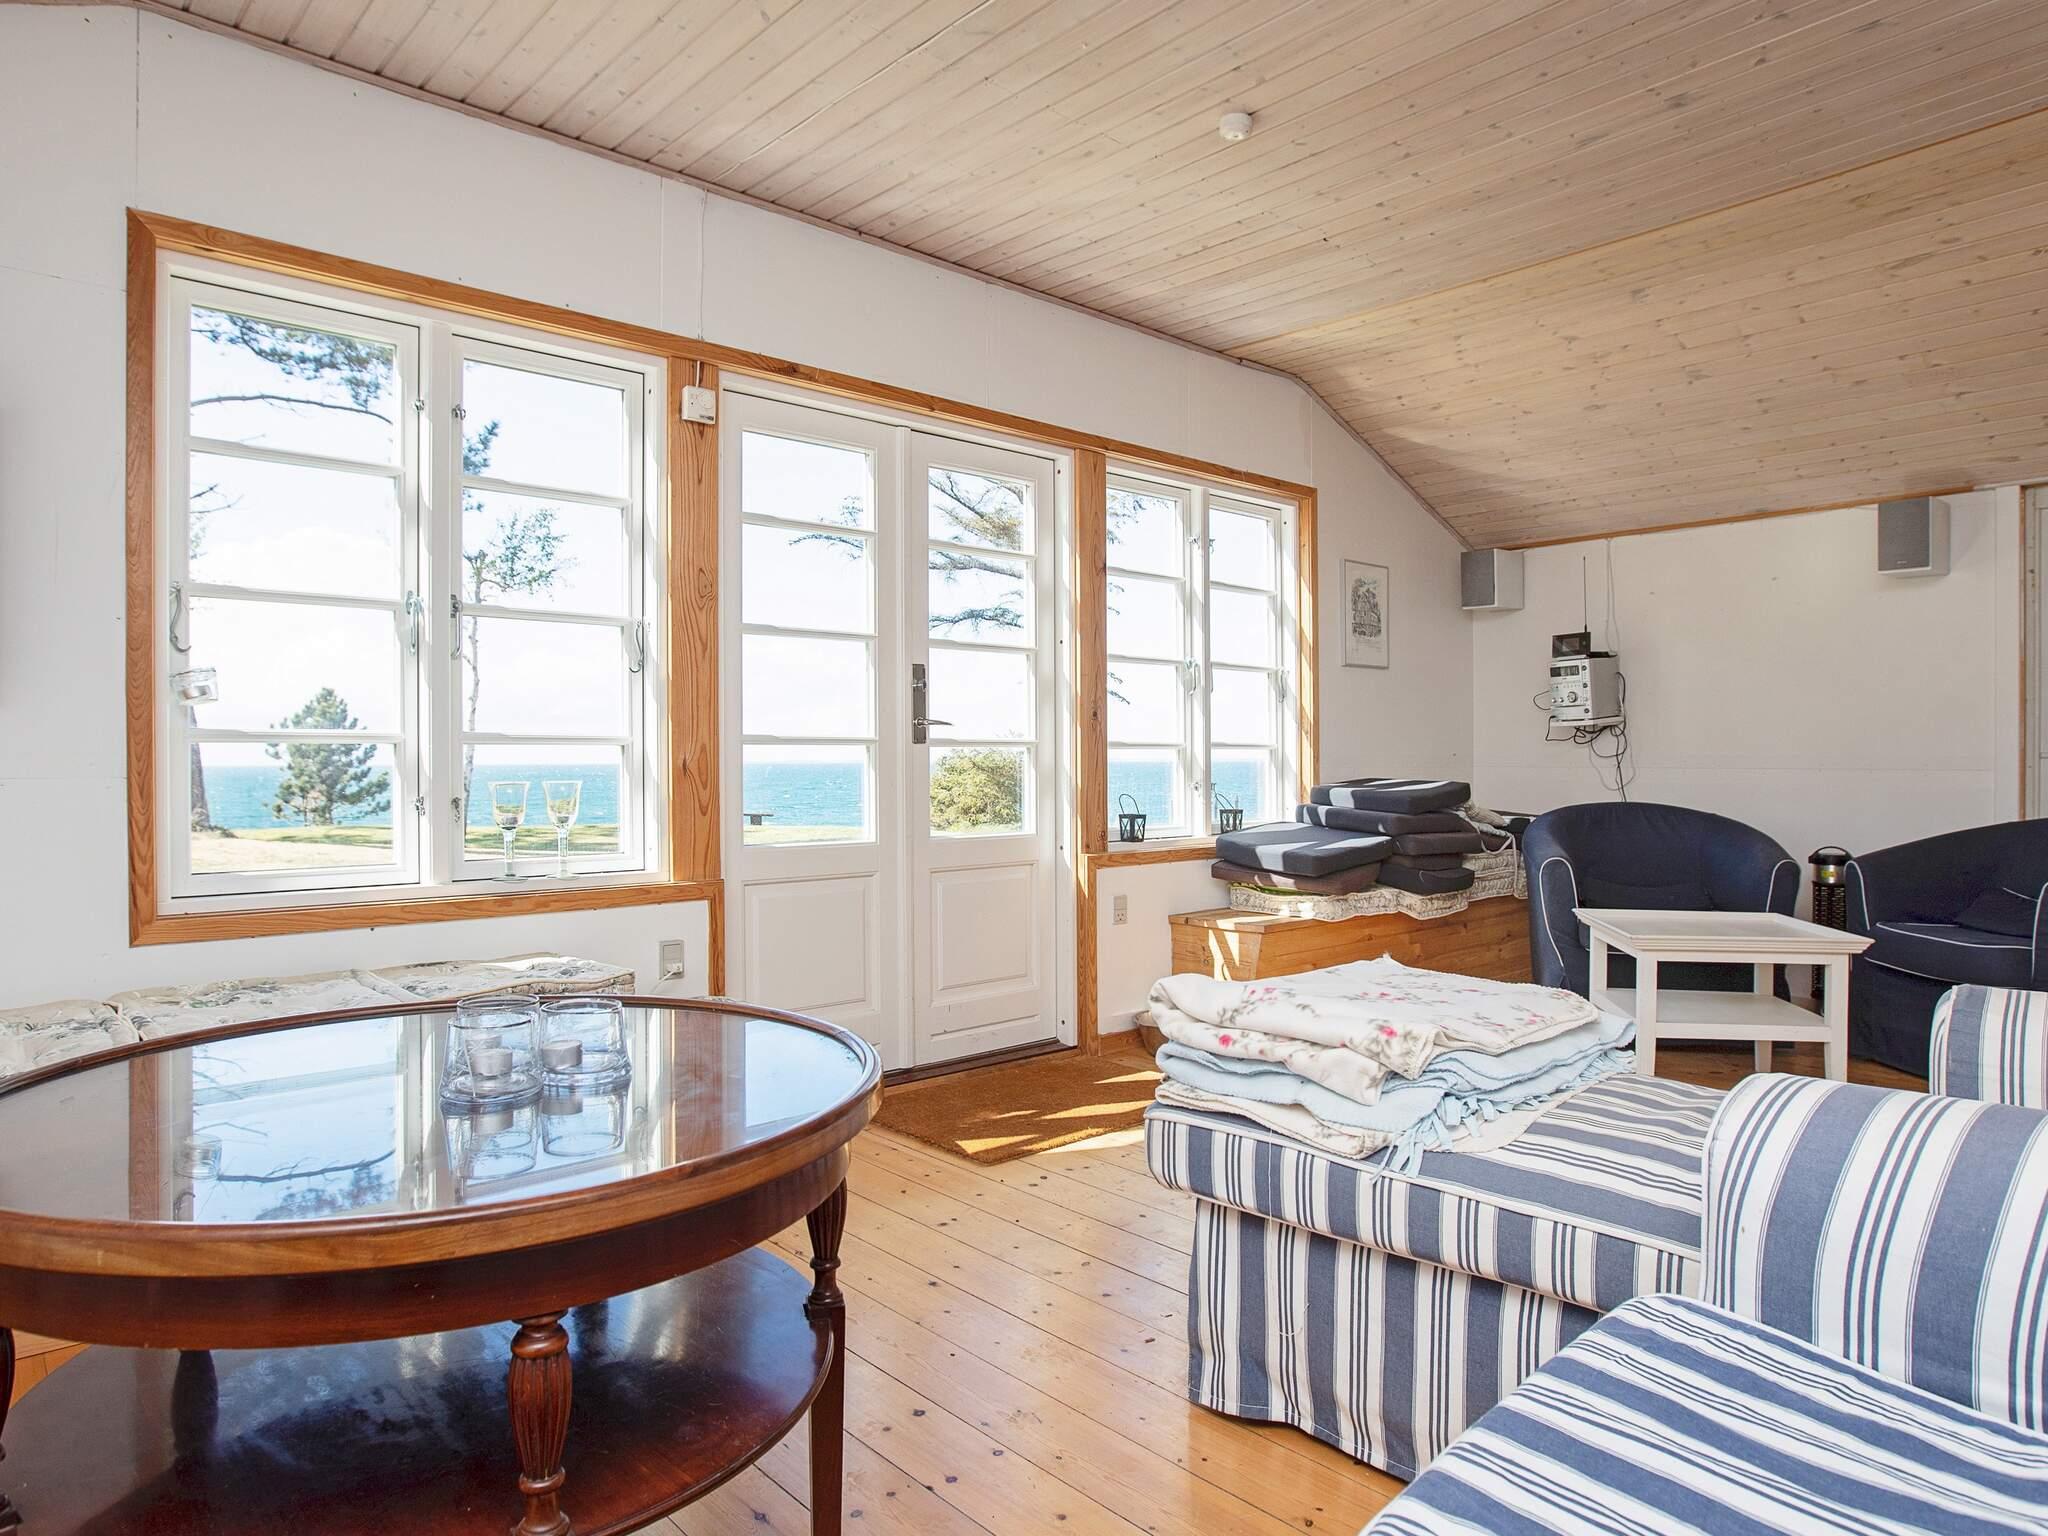 Ferienhaus Veddinge Bakker (2612172), Veddinge, , Westseeland, Dänemark, Bild 5